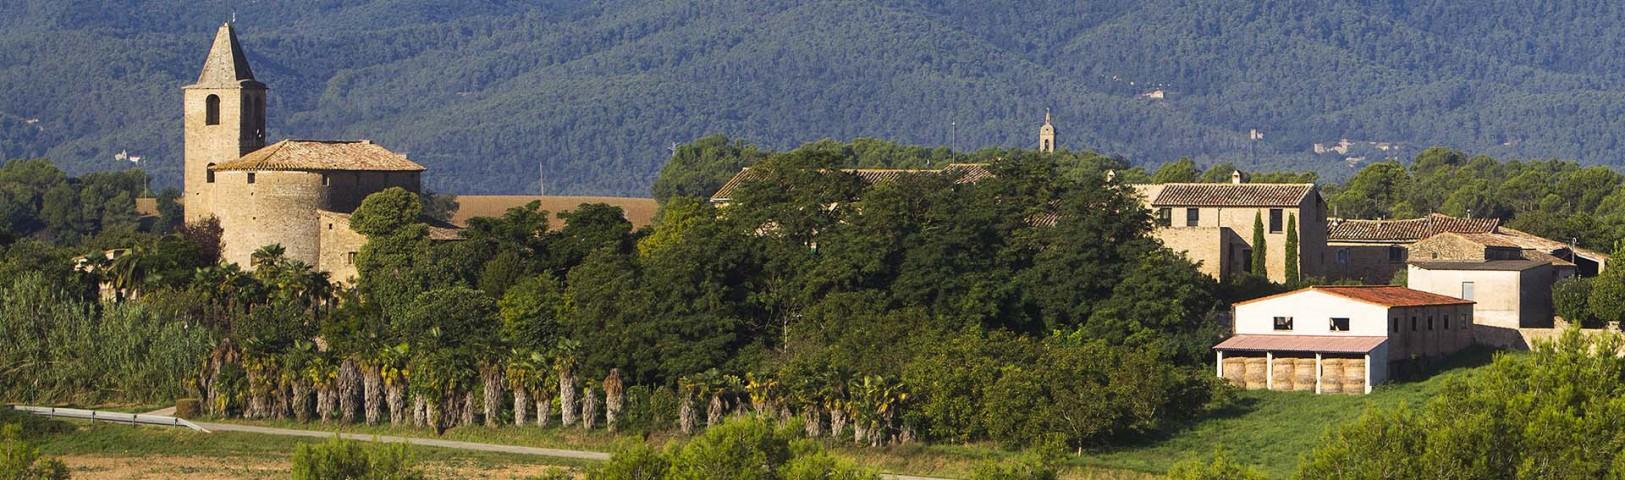 Vilamarí - Vilademuls